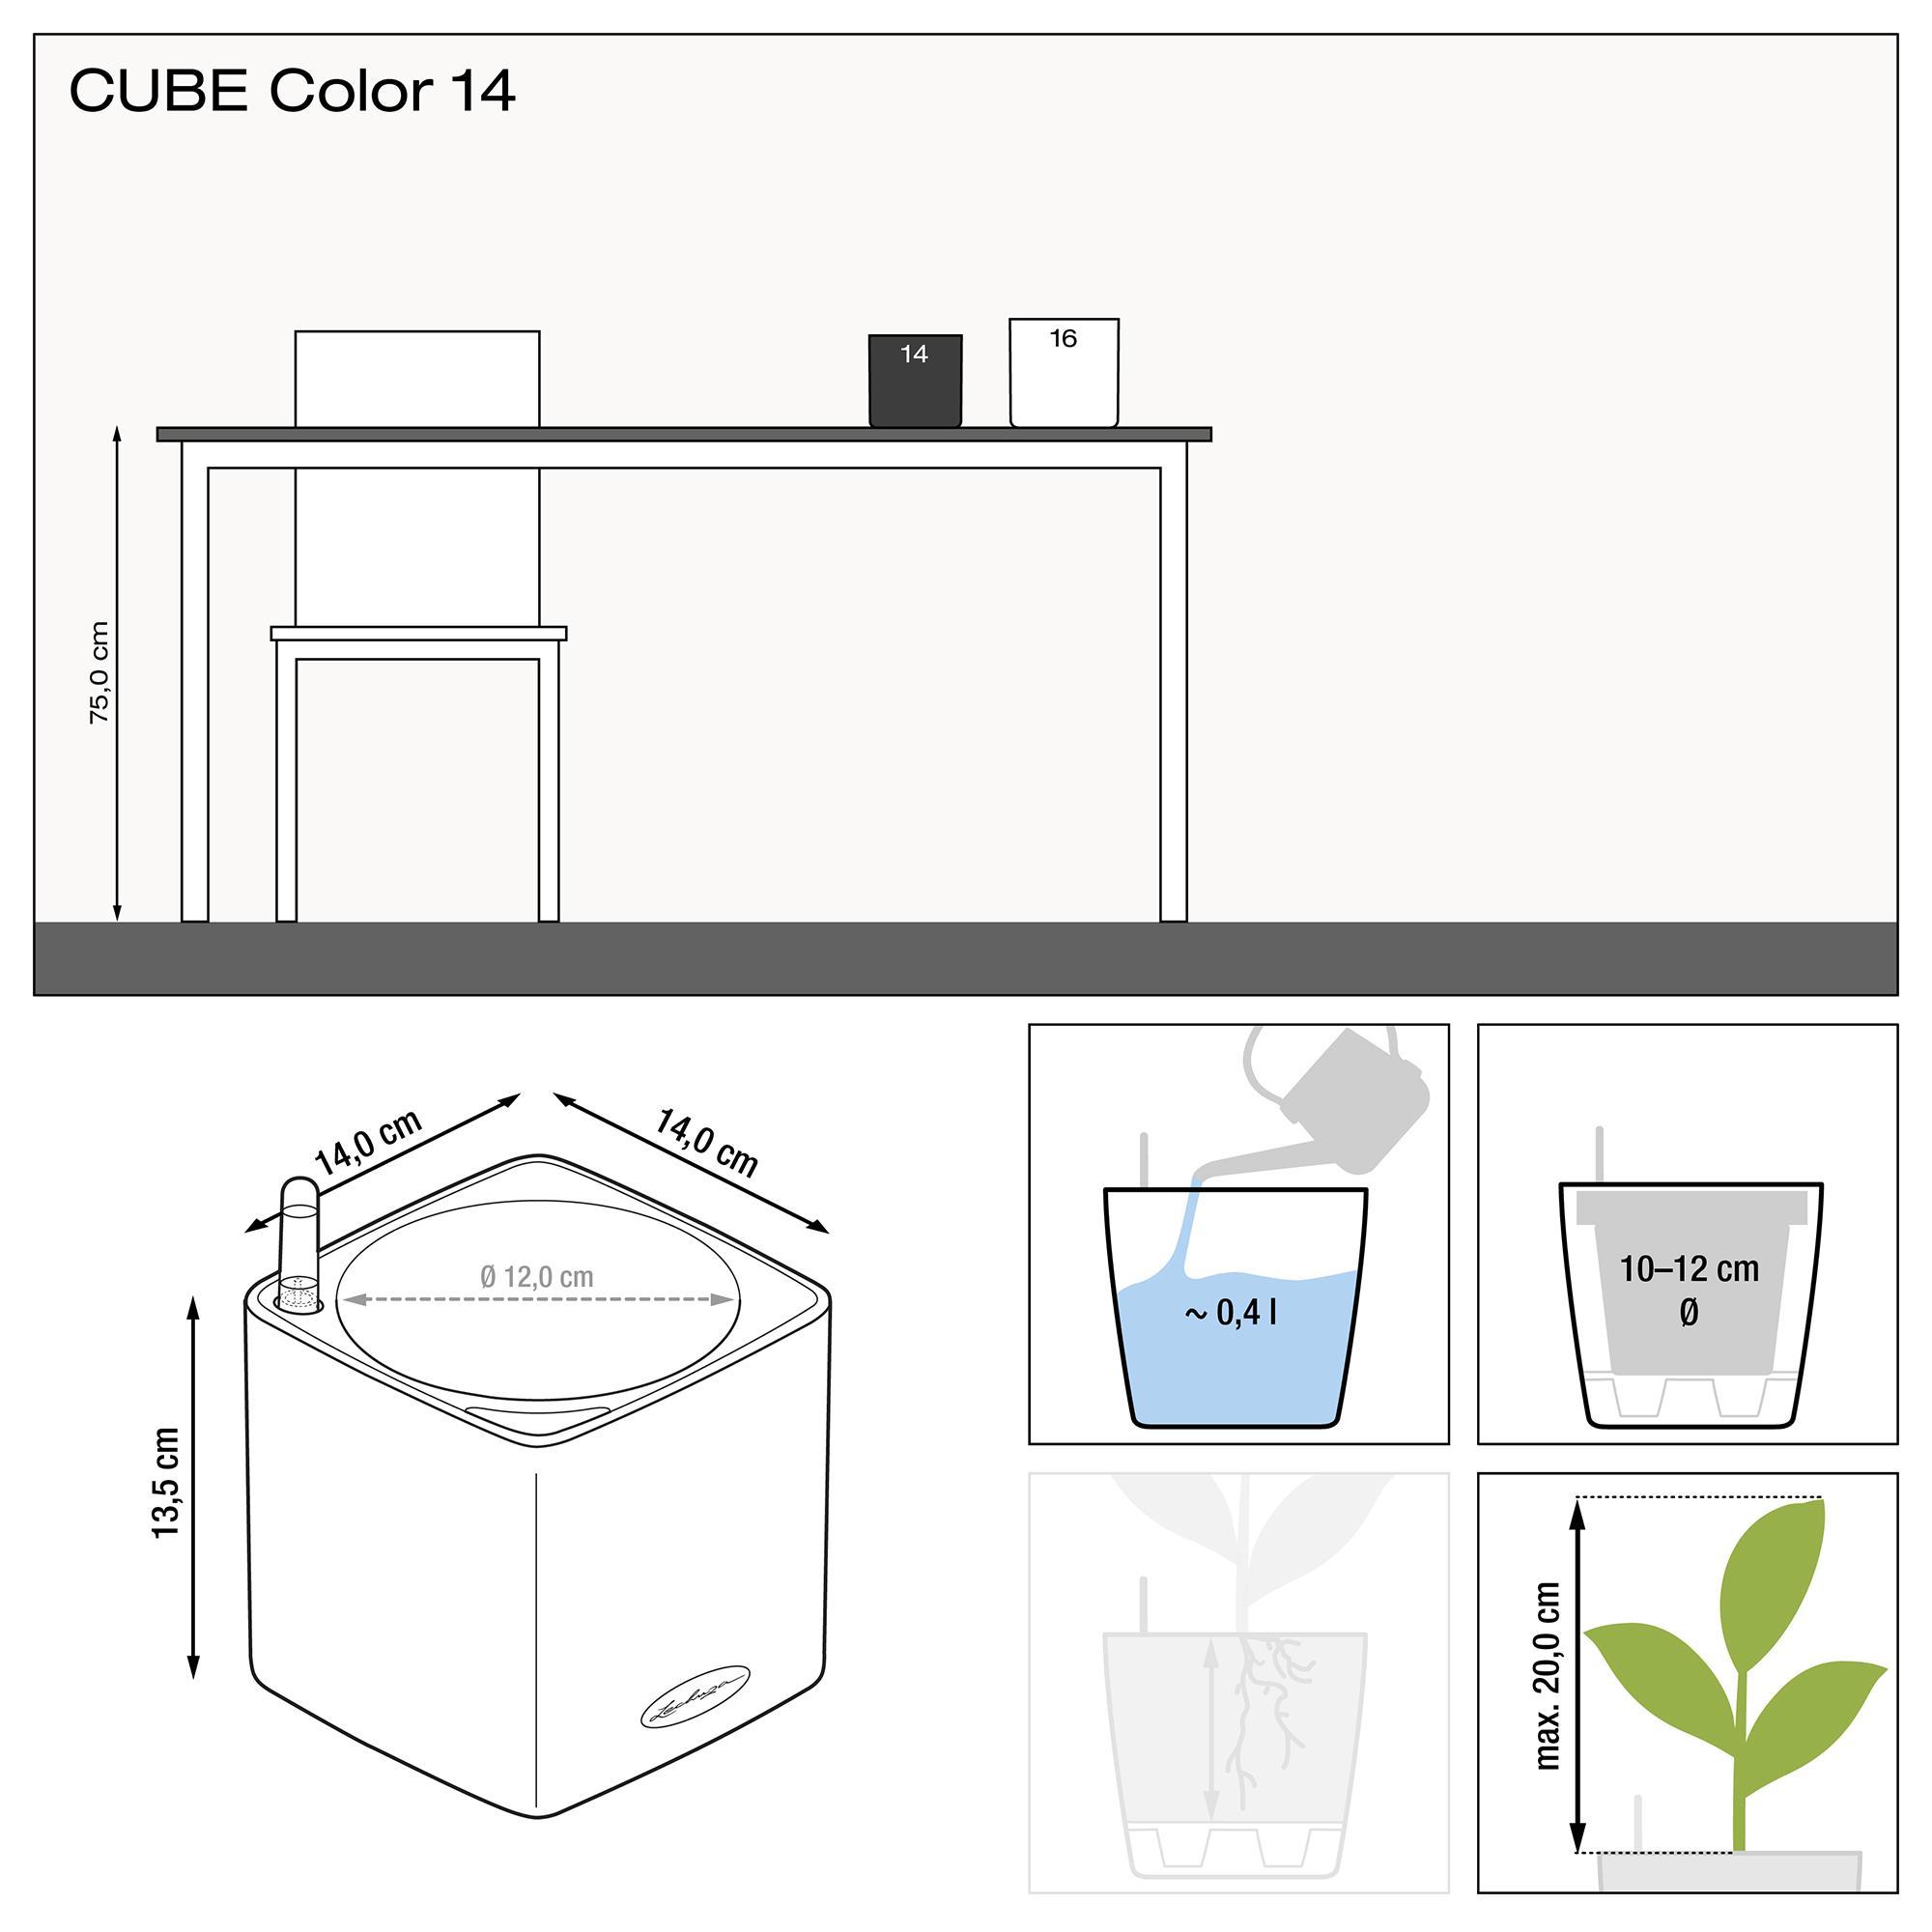 CUBE Color 14 citron vert - Image 2